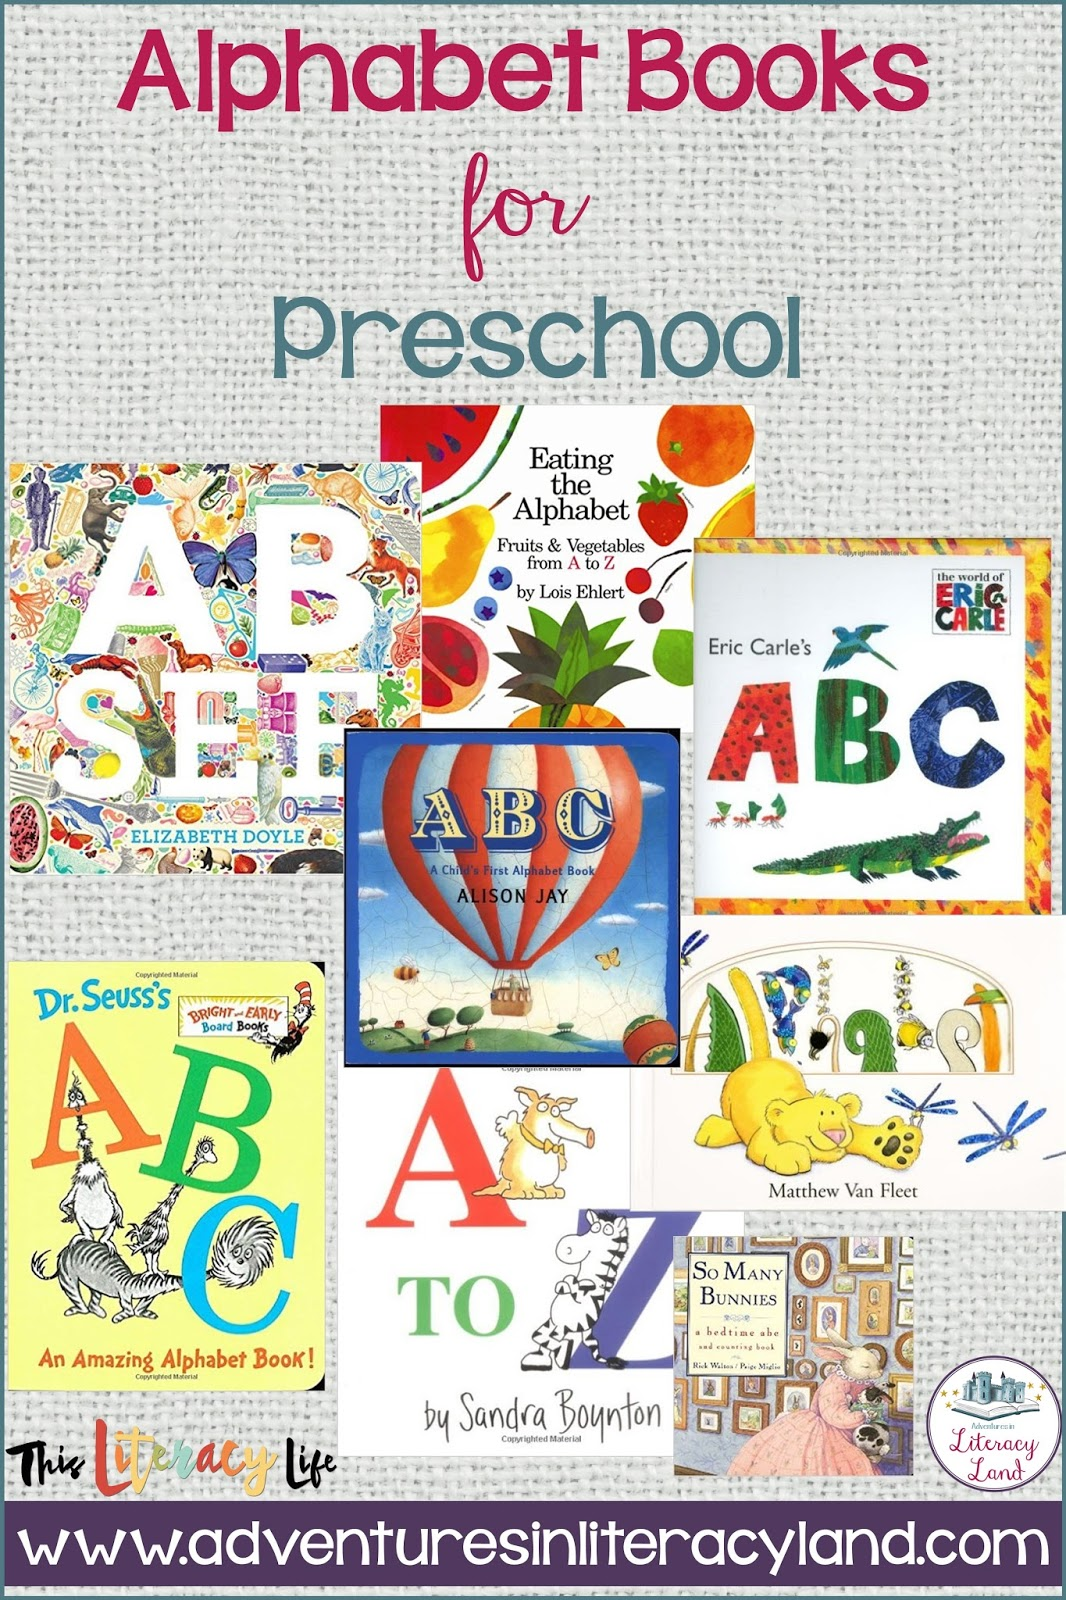 Alphabet Books Are For Everyone